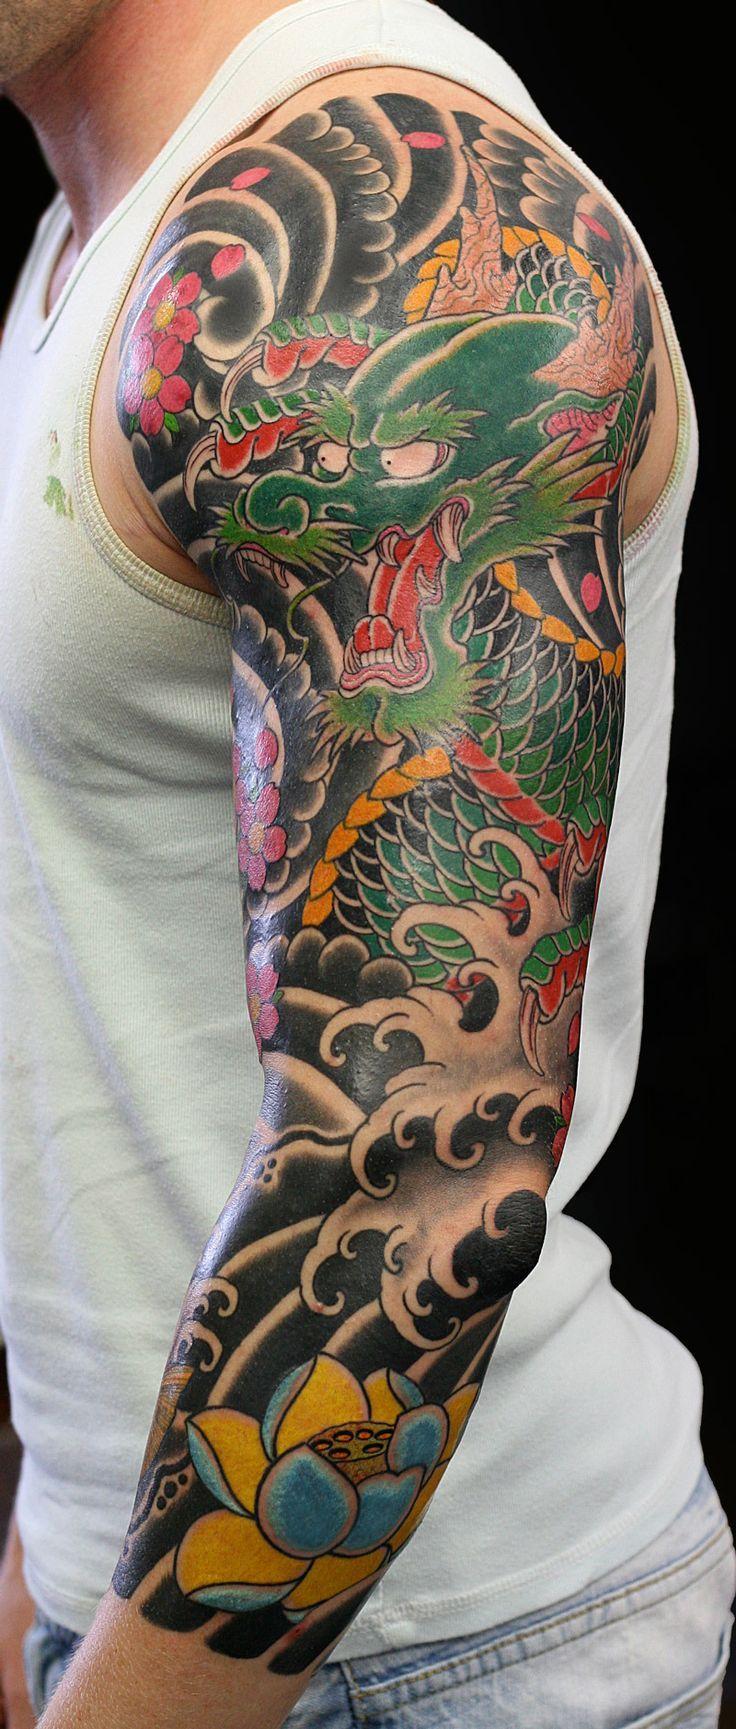 Japanese half sleeve tattoo designs - Japanese Sleeve Tattoo Google Search